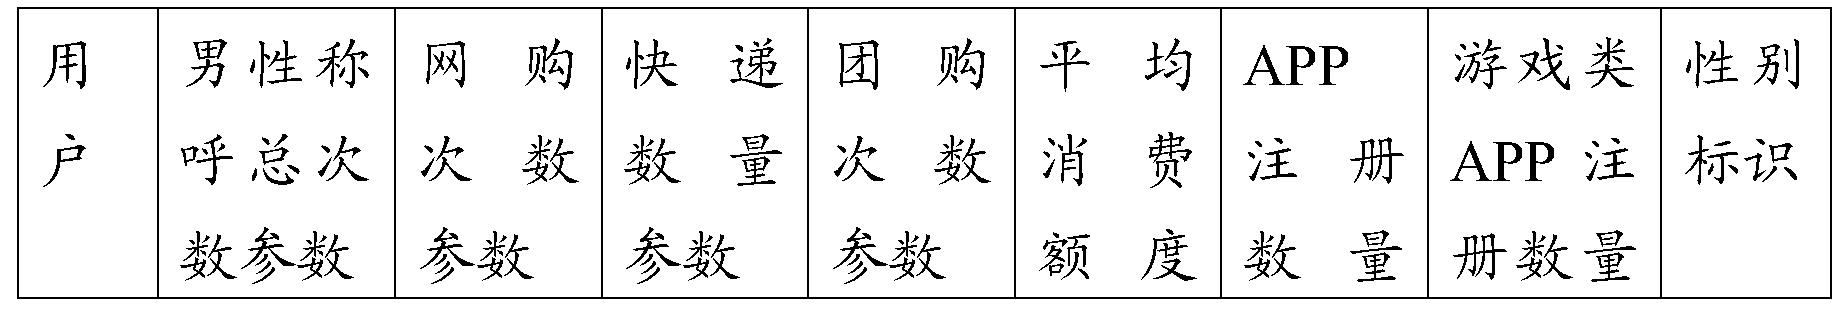 Figure PCTCN2016087528-appb-000003